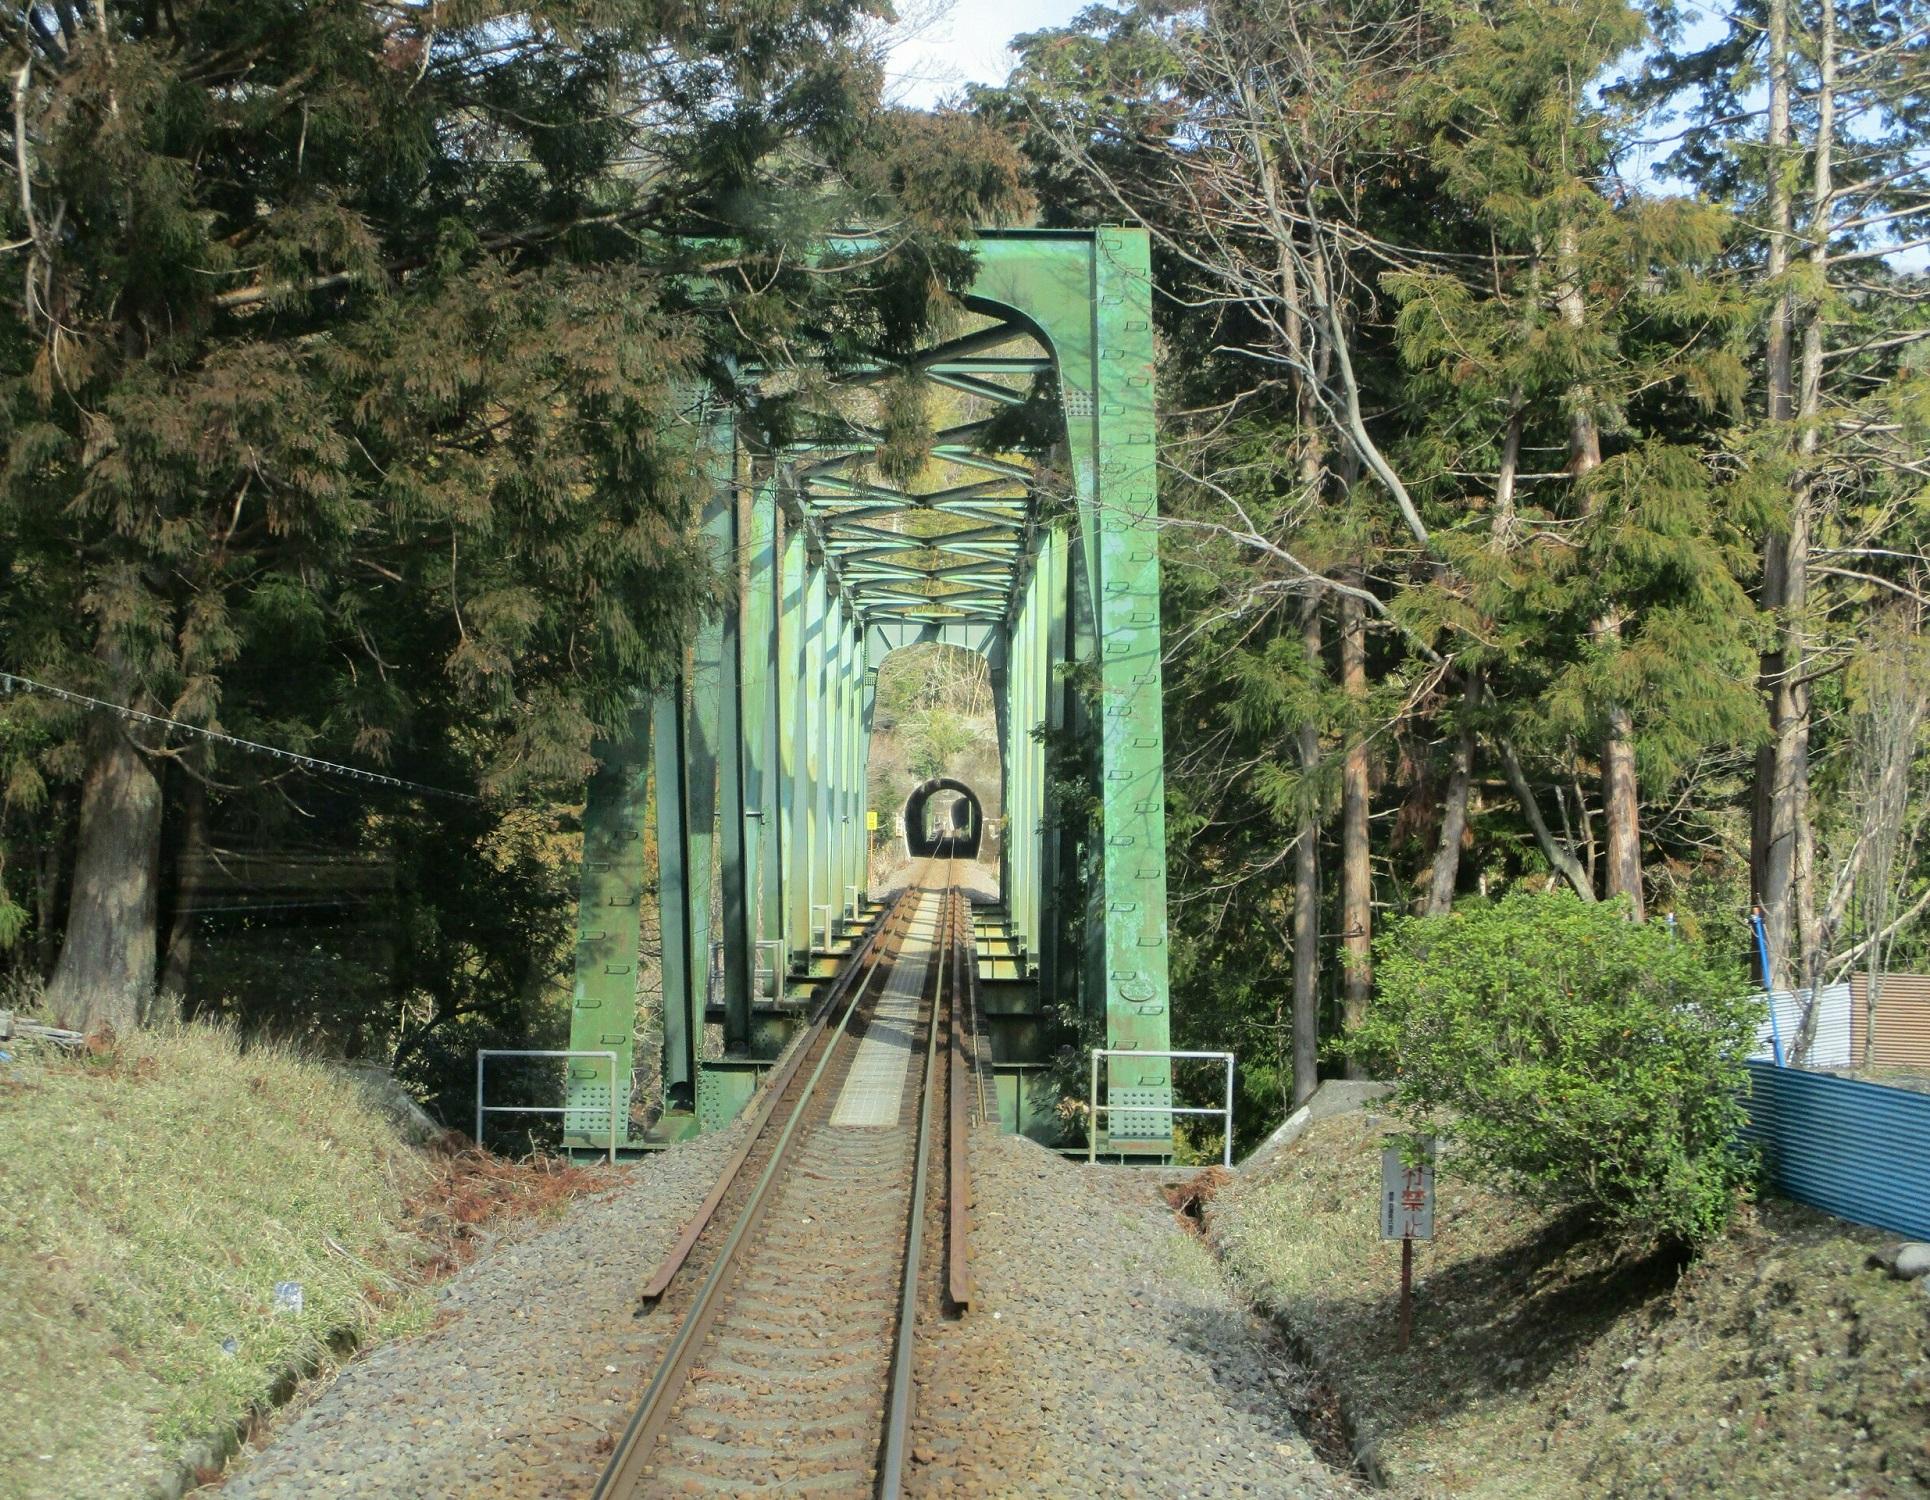 2019.3.1 (88) 樽見いきふつう - 鍋原日当間(鉄橋) 1930-1500